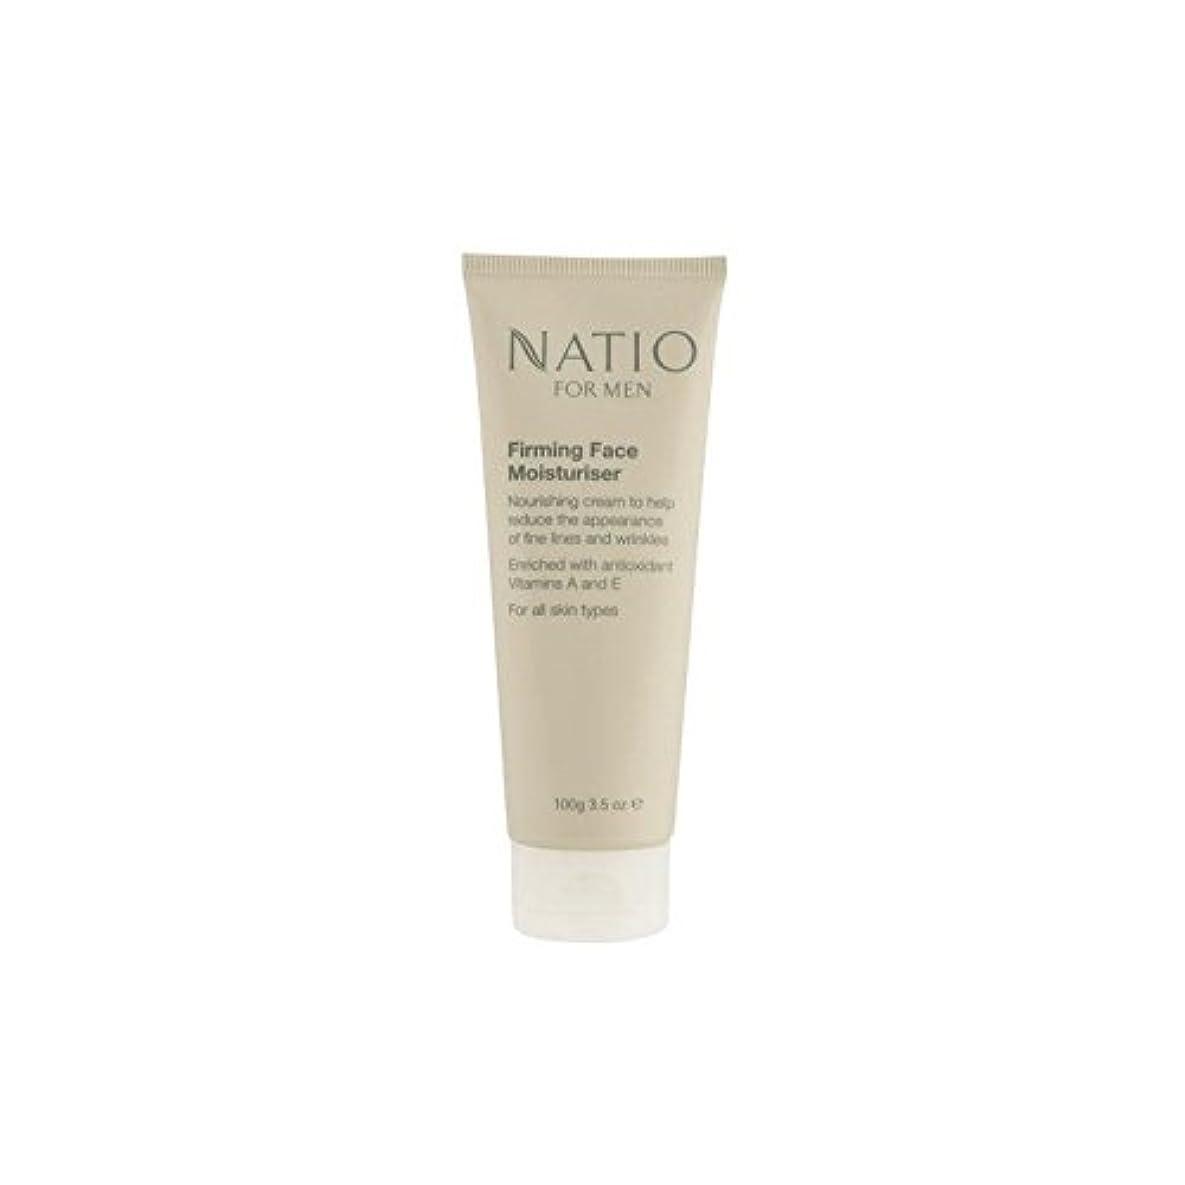 手入れ差し迫った解く顔の保湿剤を引き締め男性のための(100グラム) x2 - Natio For Men Firming Face Moisturiser (100G) (Pack of 2) [並行輸入品]